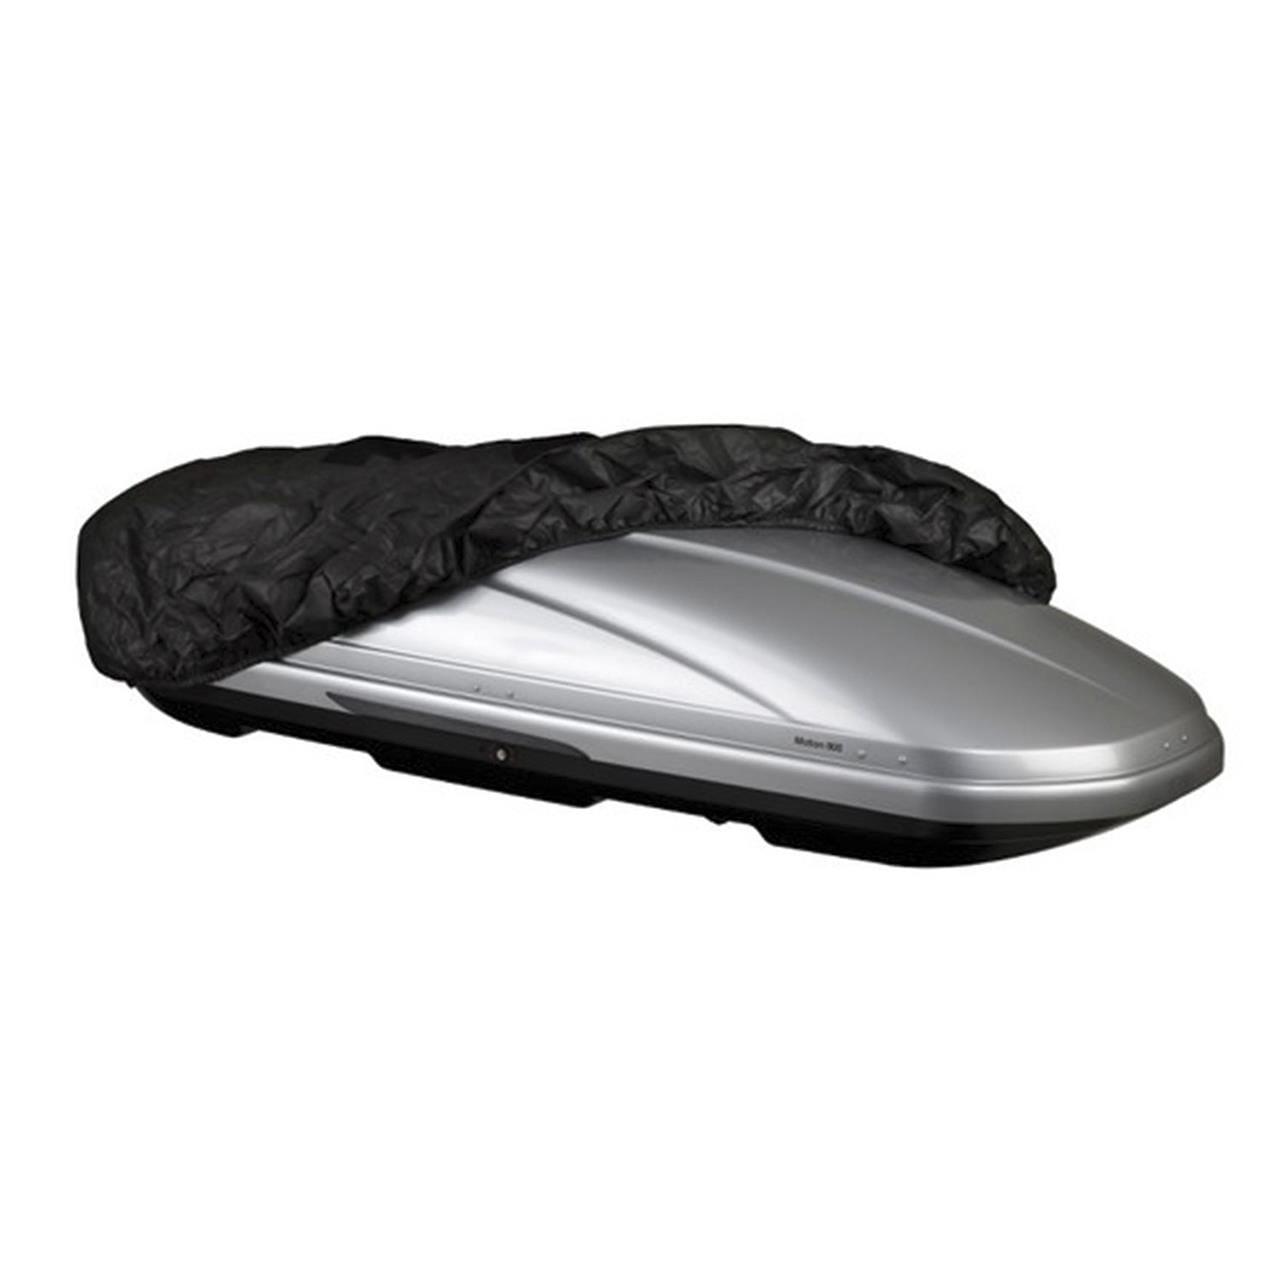 Husa de protectie pentru cutiile portbagaj Thule Box Lid Cover 6981 1